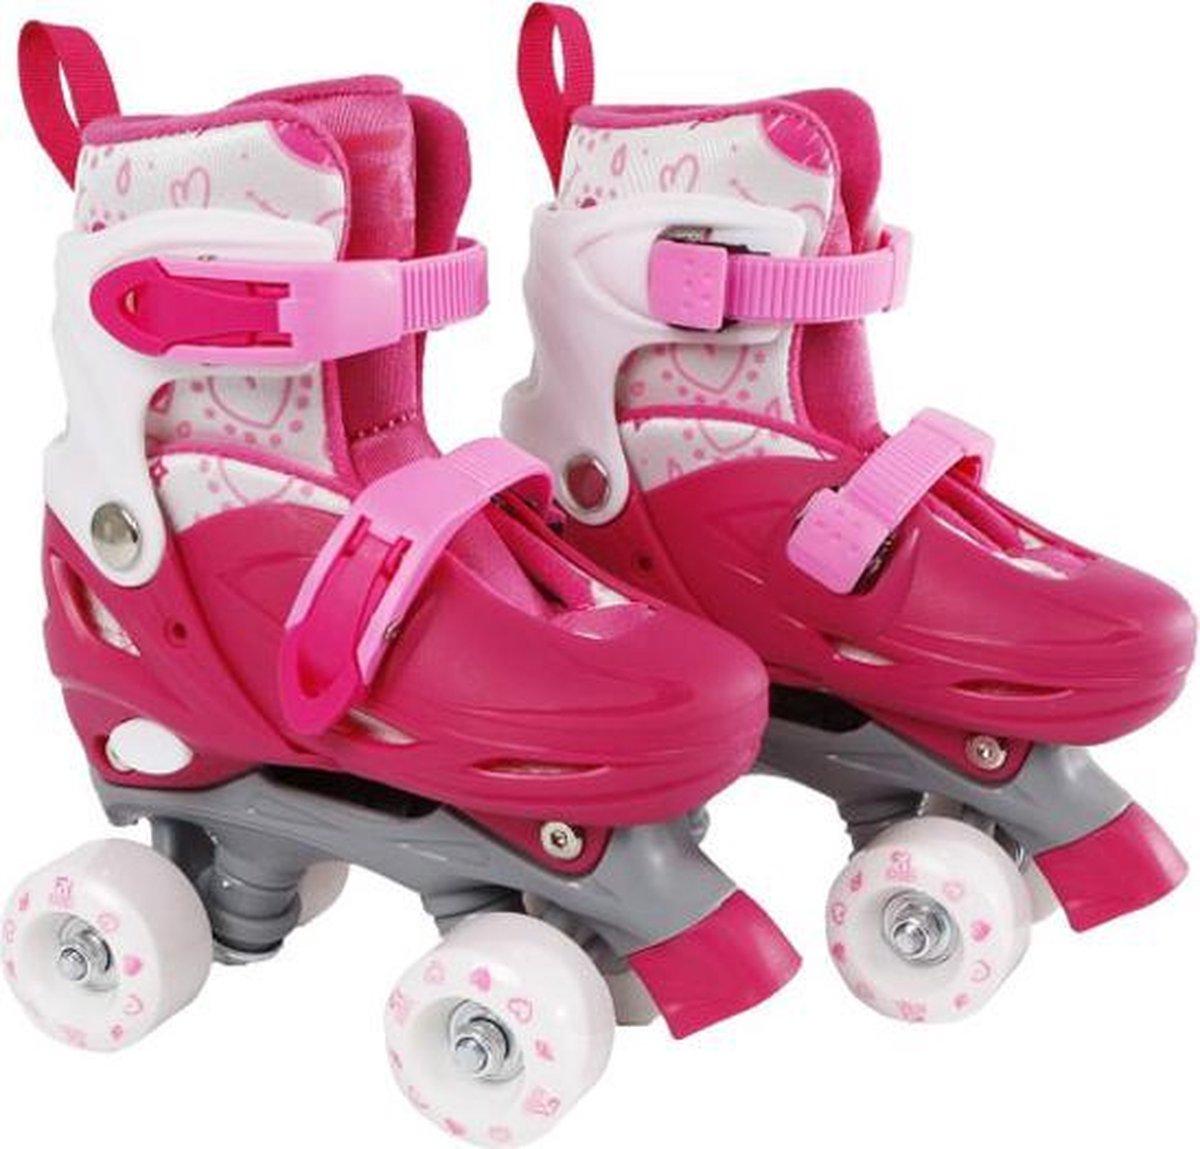 Rolschaatsen Street Rider roze/grijs maat 27-30